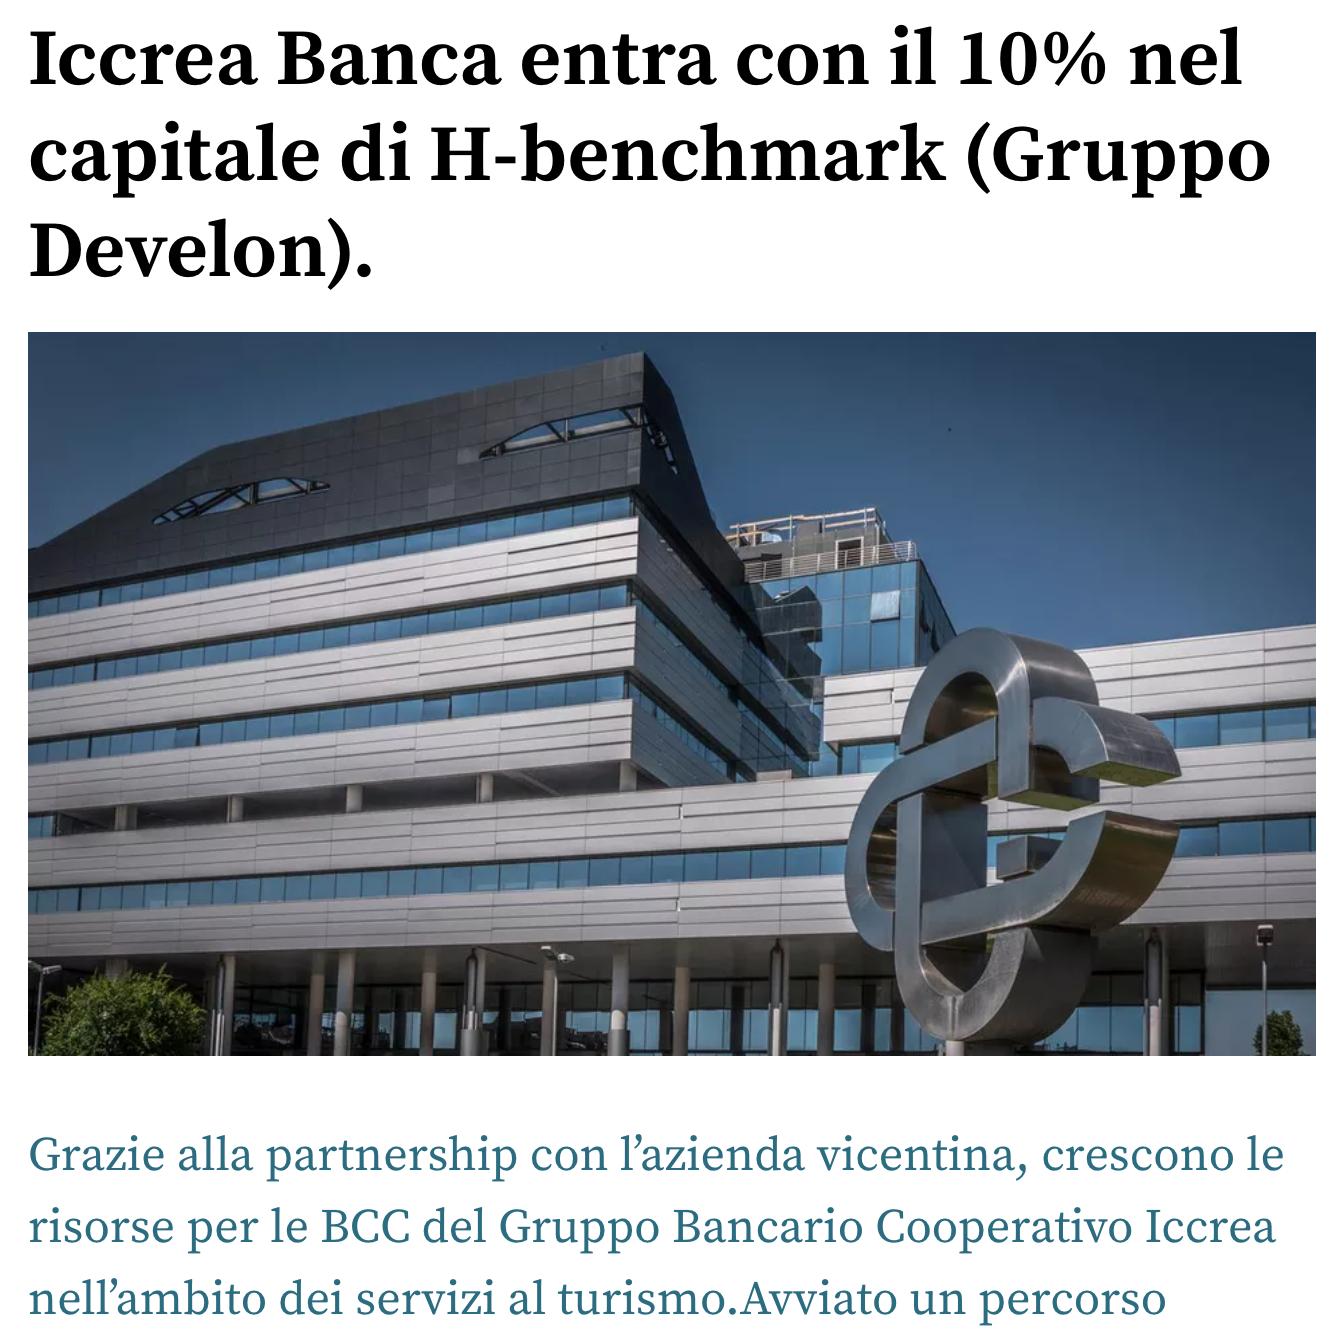 Iccrea Banca entra nel capitale di HBenchmark